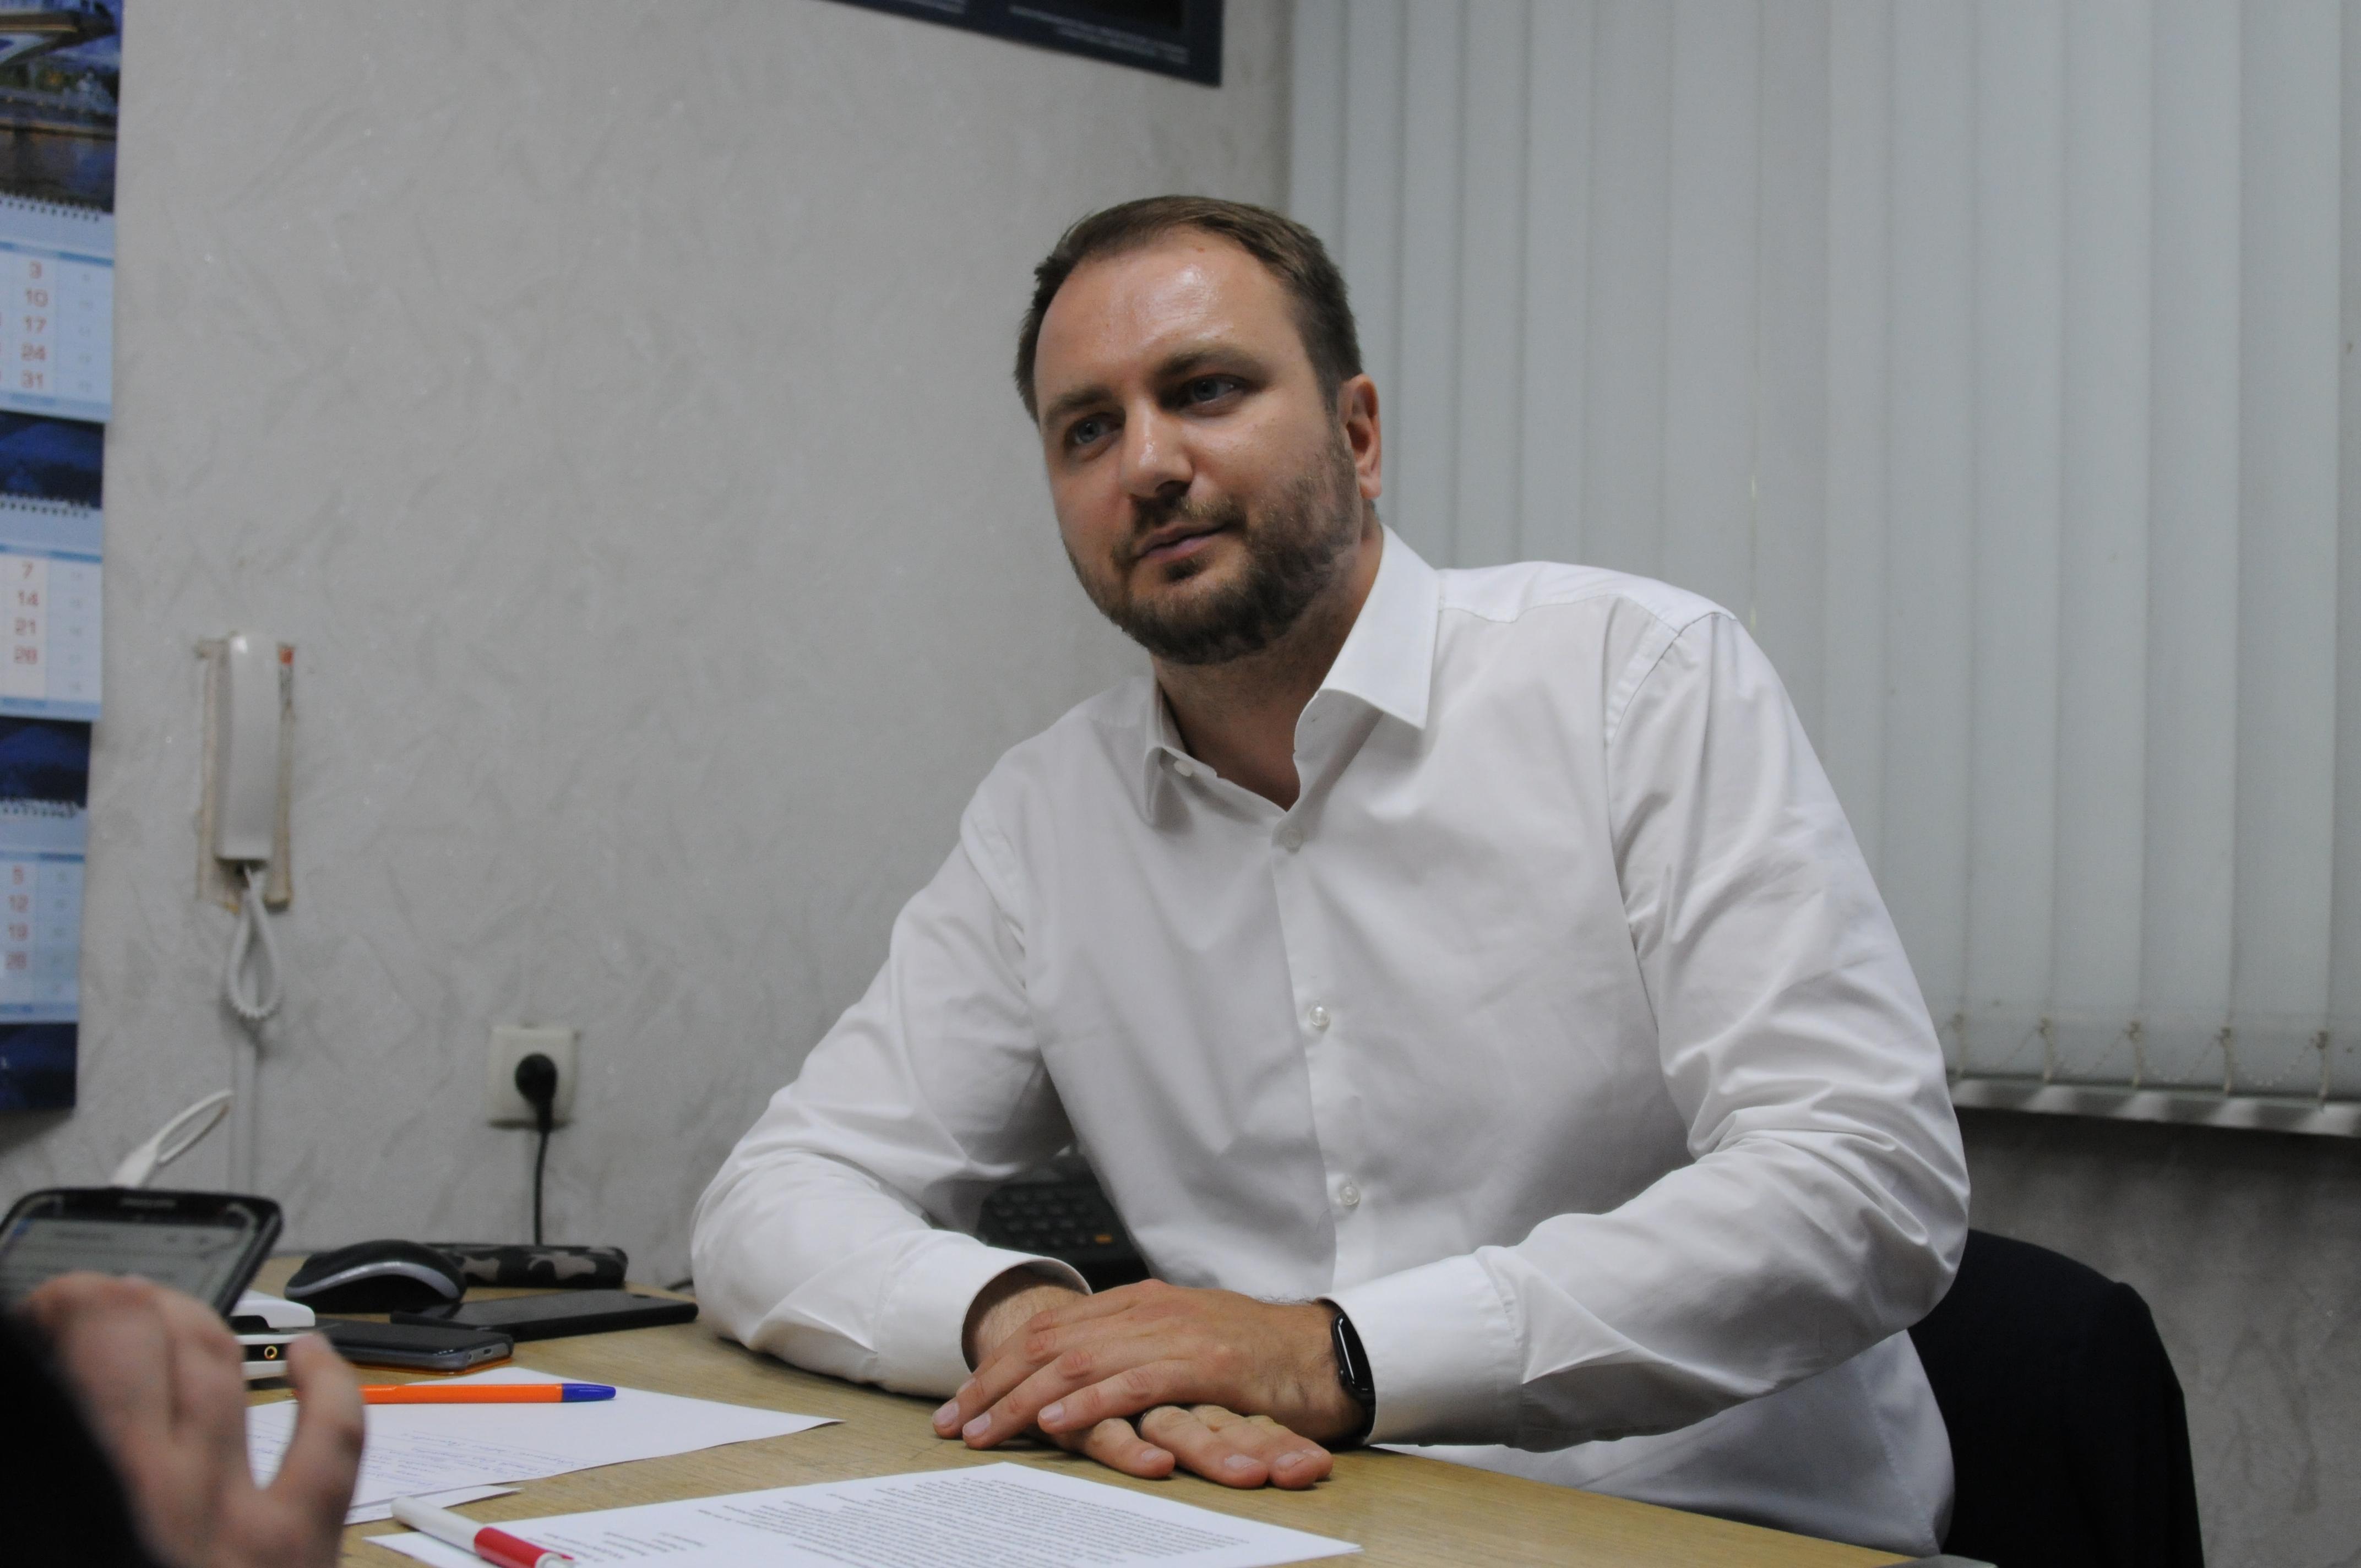 Депутат МГД Кирилл Щитов оценил инициативу сообщать полиции о нетрезвых водителях